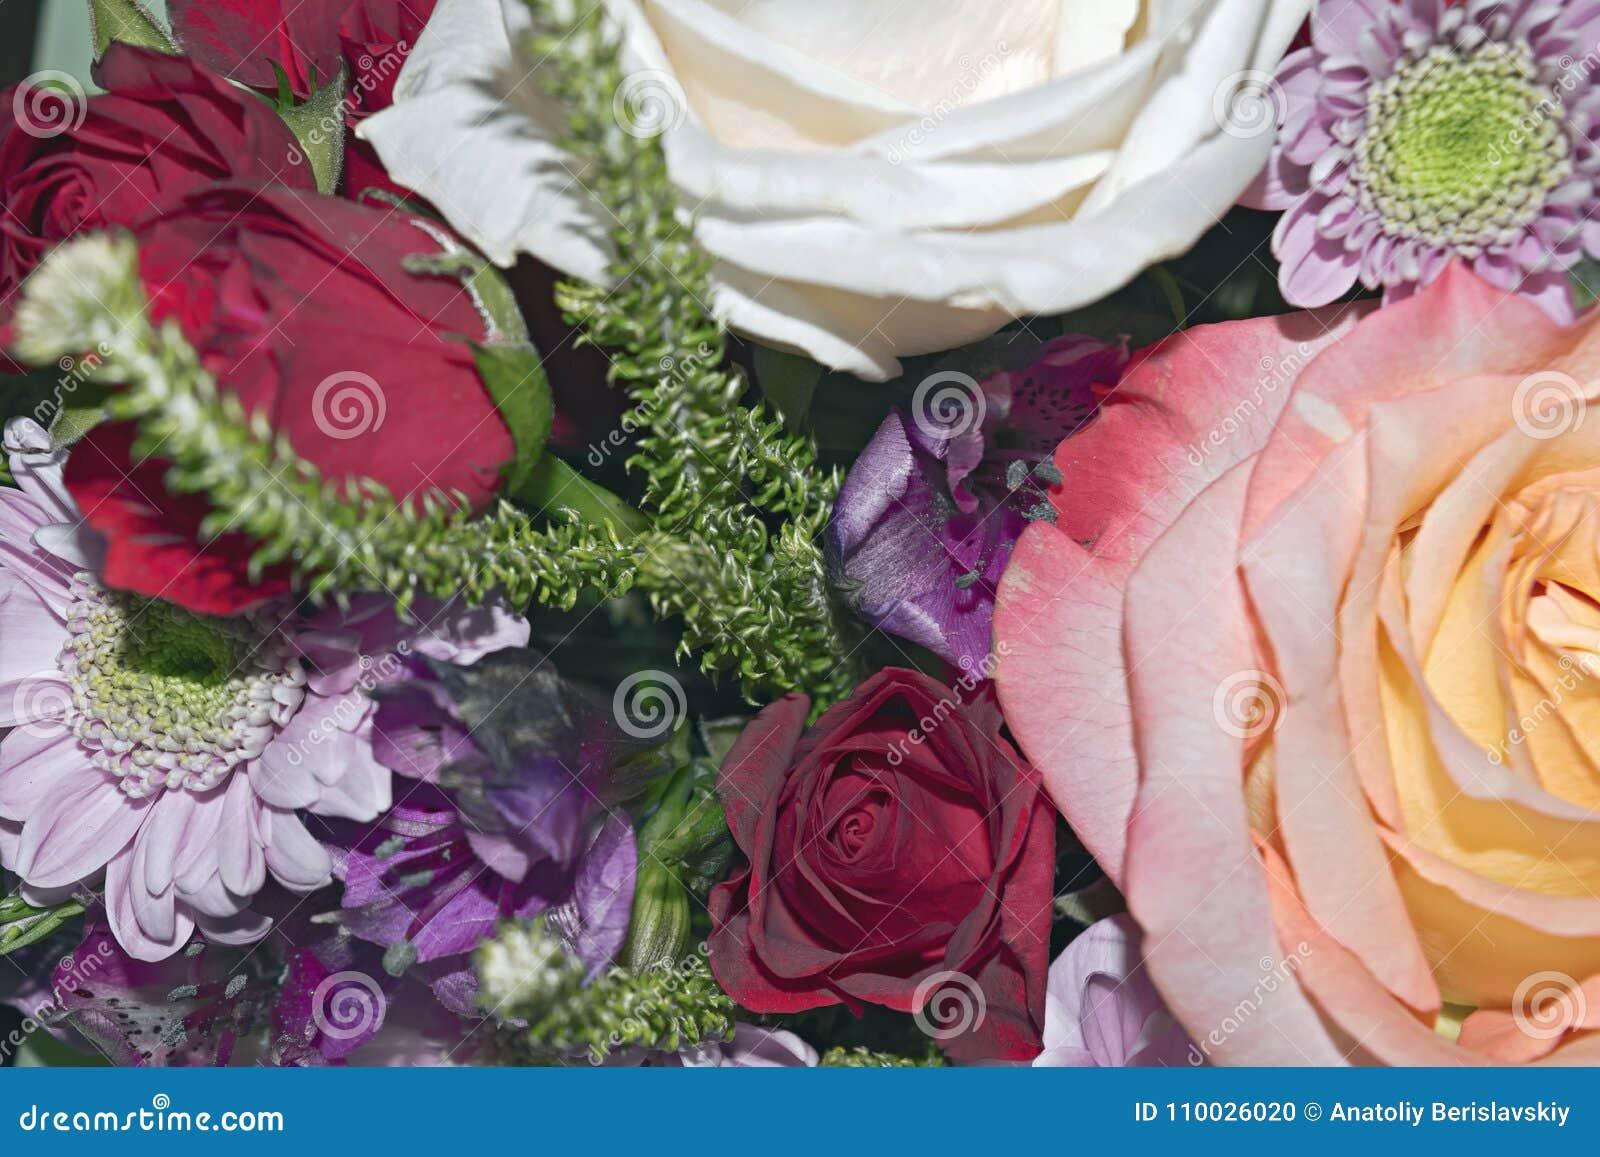 Ramalhete vivo bonito de flores misturadas